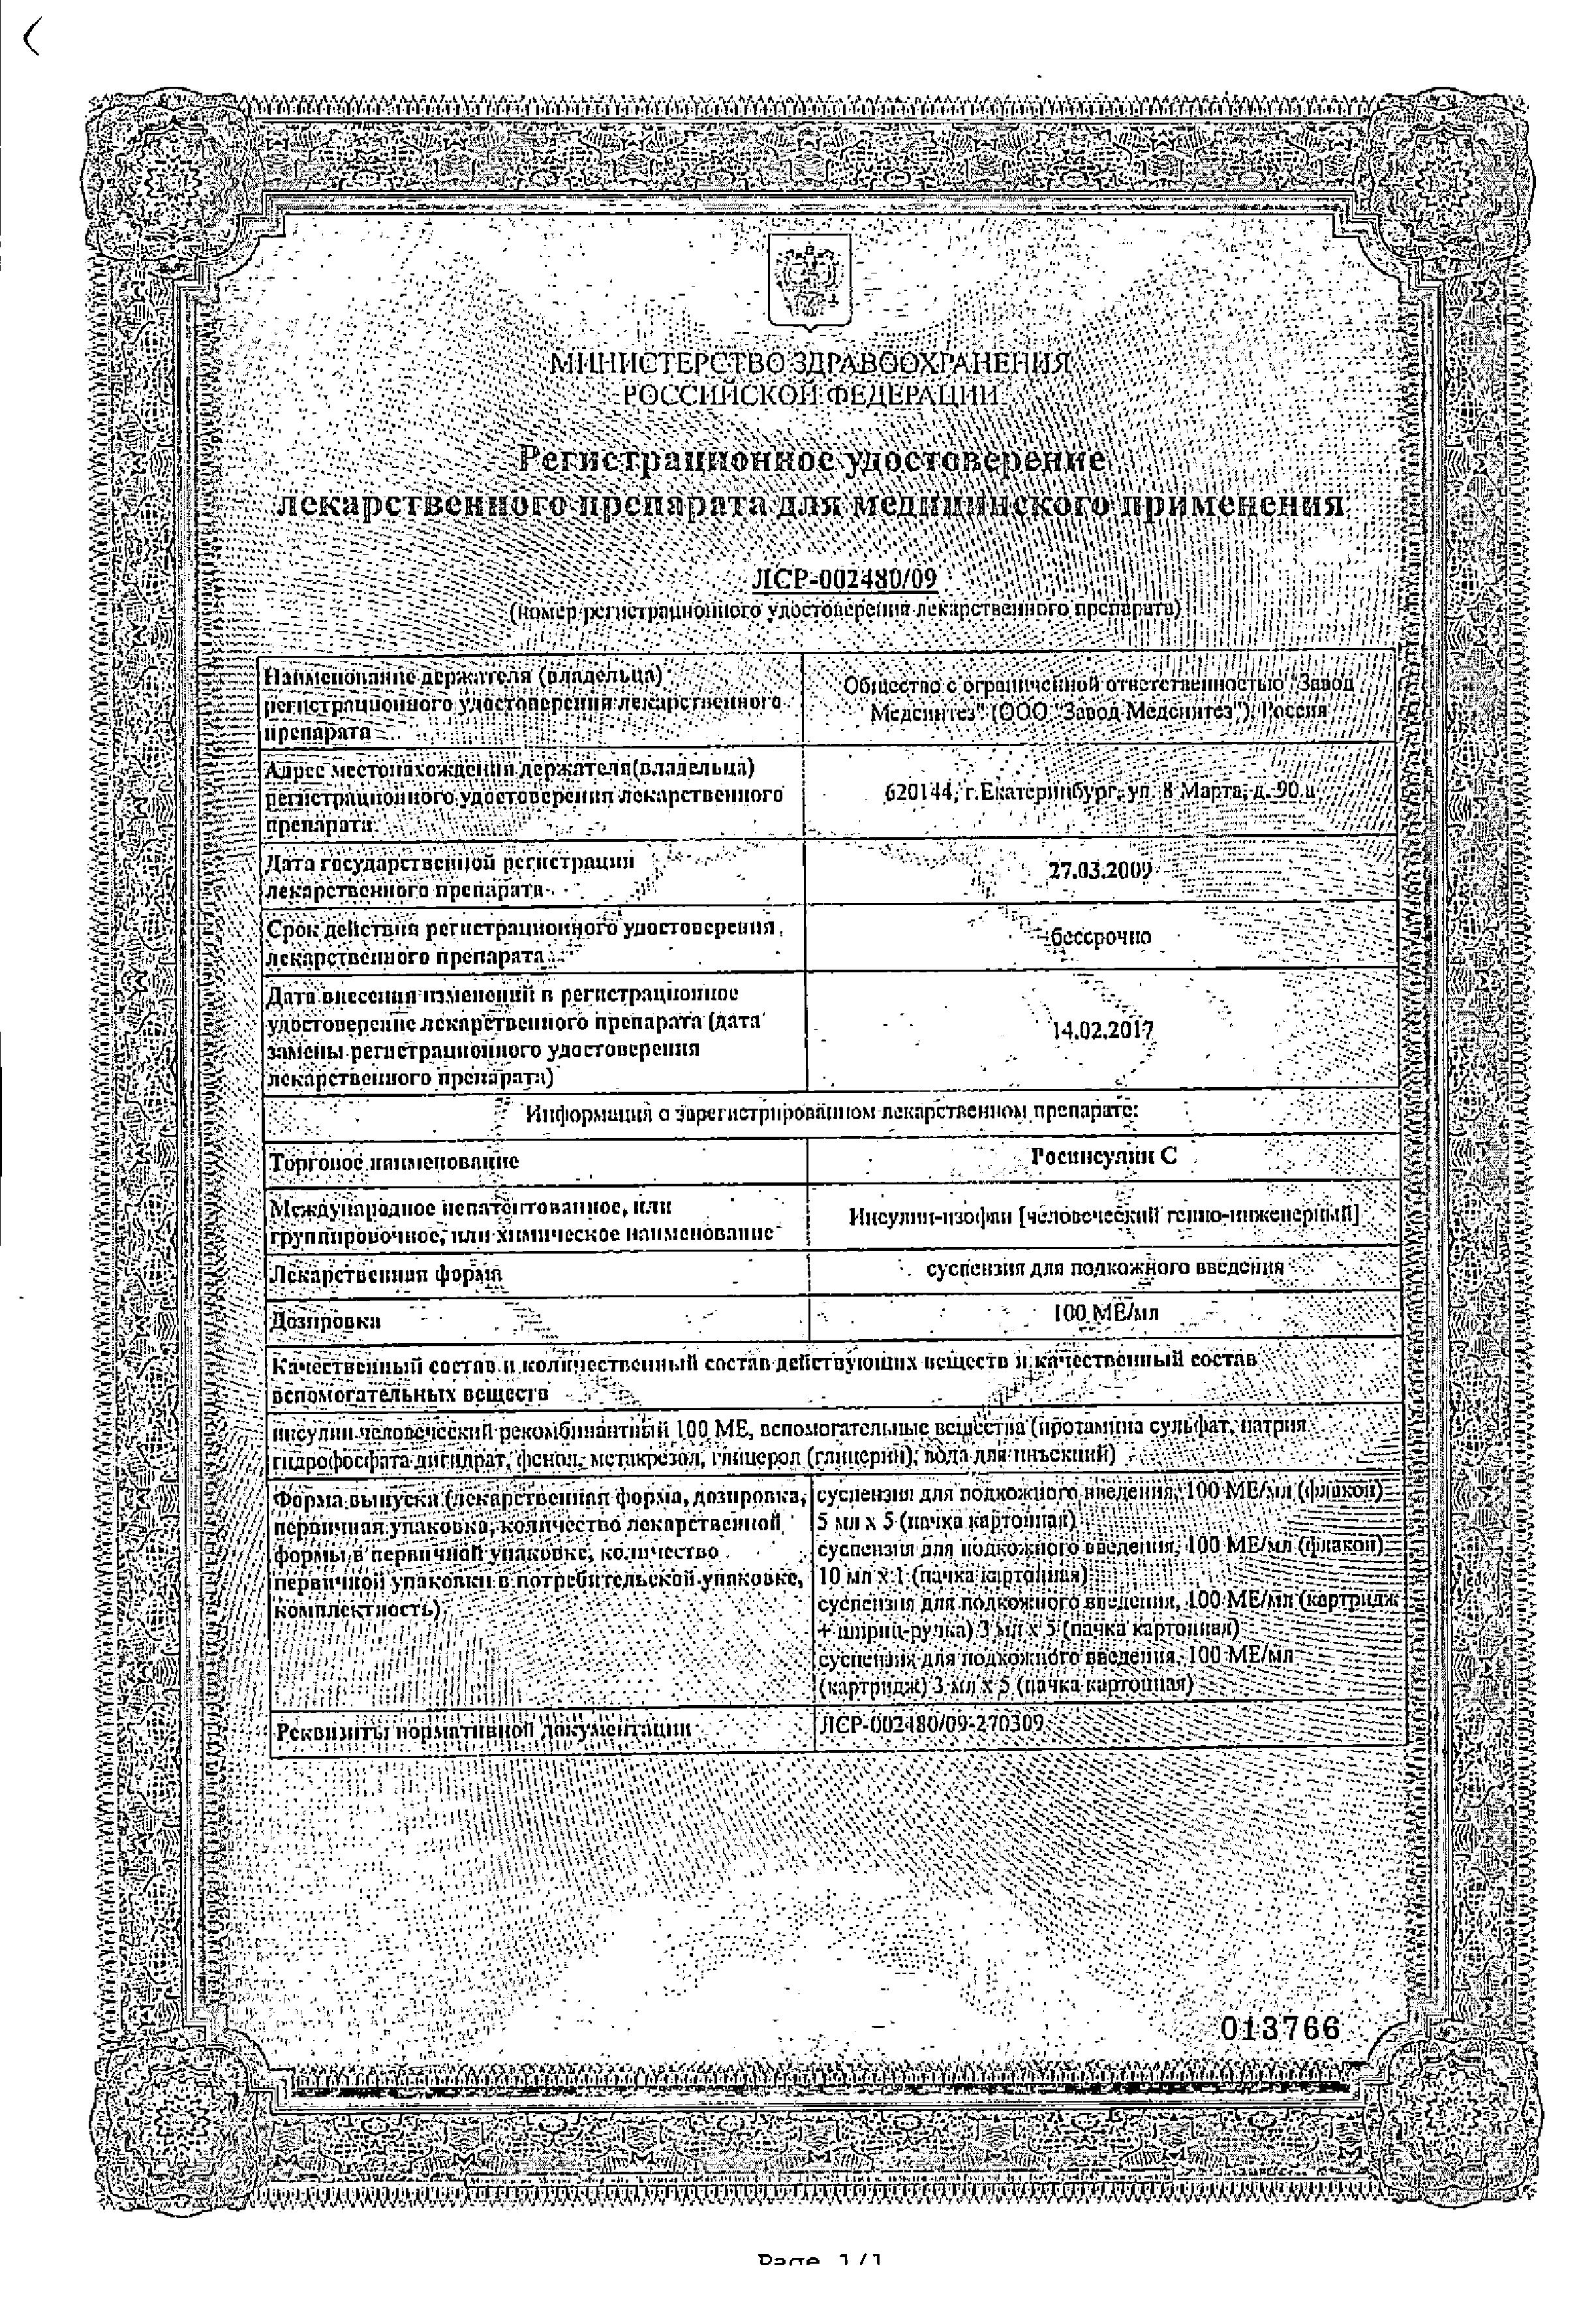 Росинсулин С сертификат